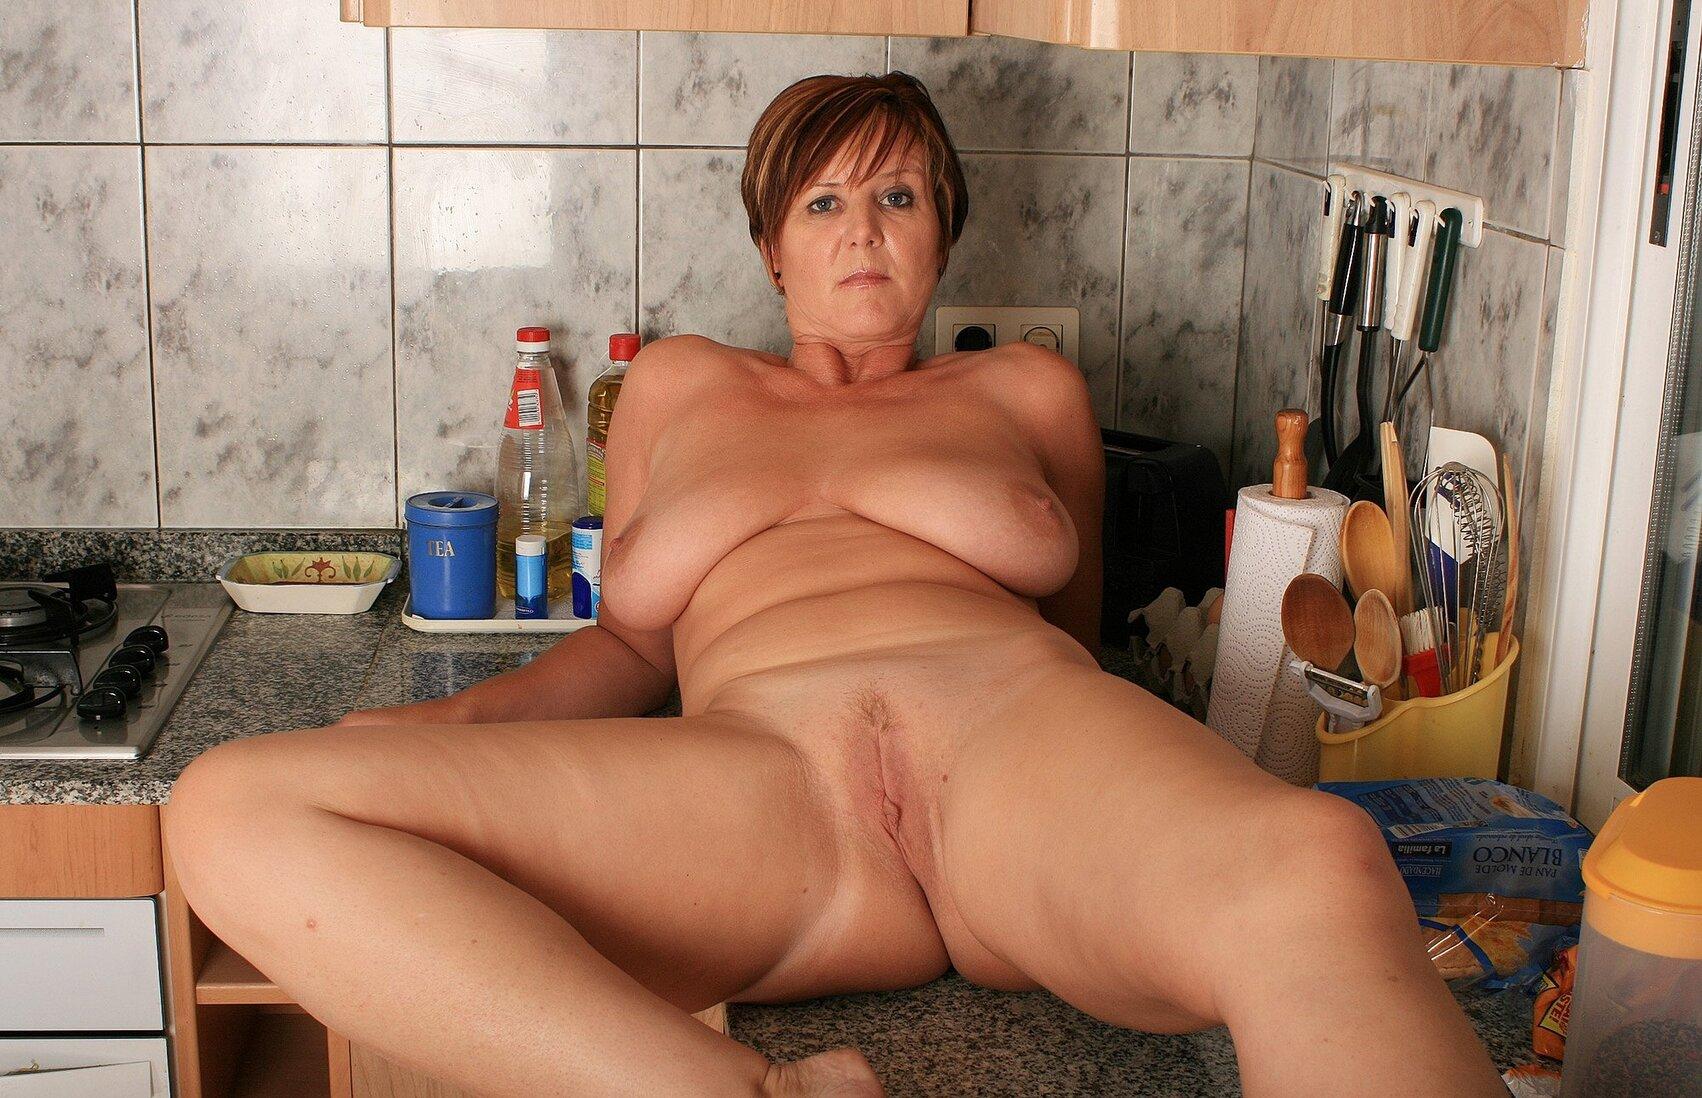 Тетки за 40 лежит голая на кухонном столе.